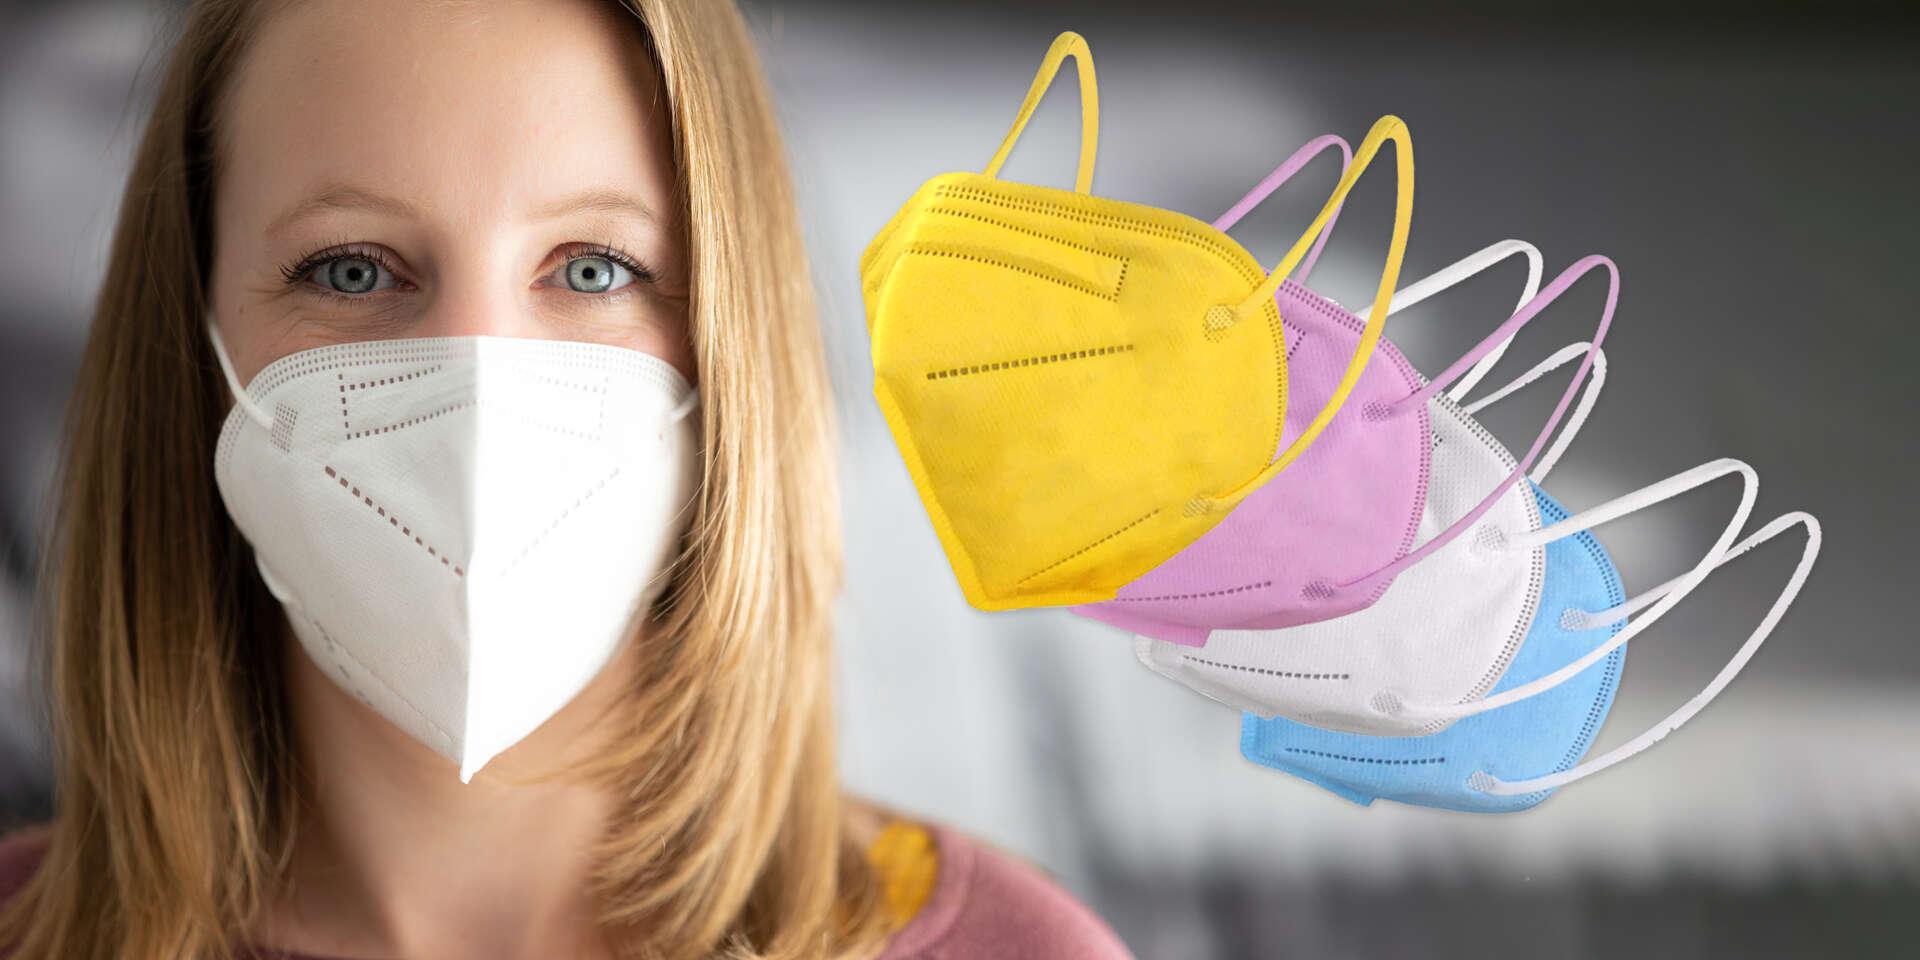 Farebné a biele KN95/FFP2 respirátory bez výdychového ventilu